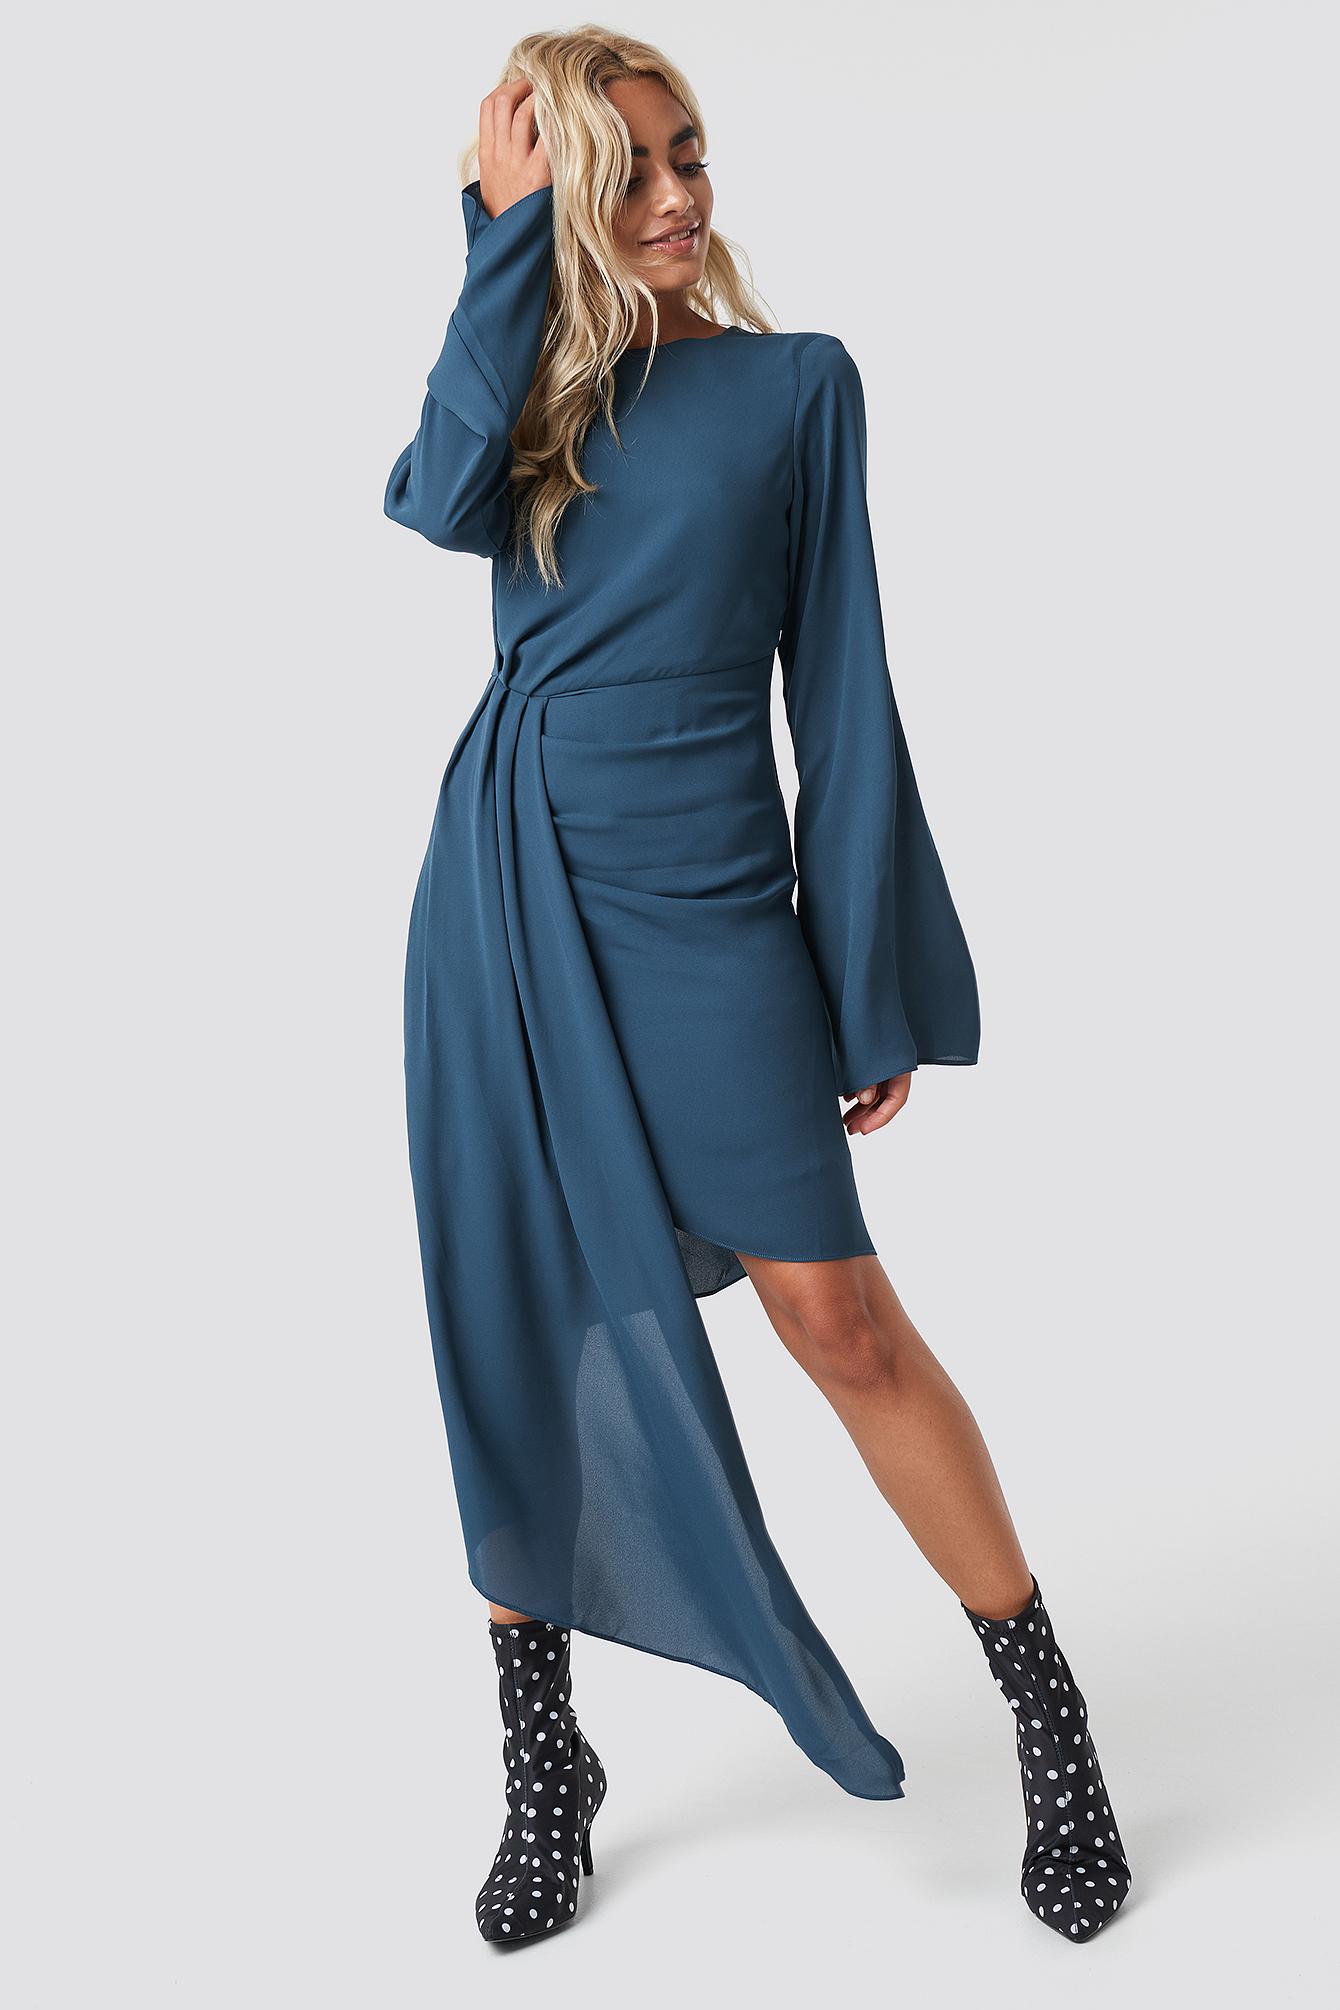 Kleid glitzer geht ab